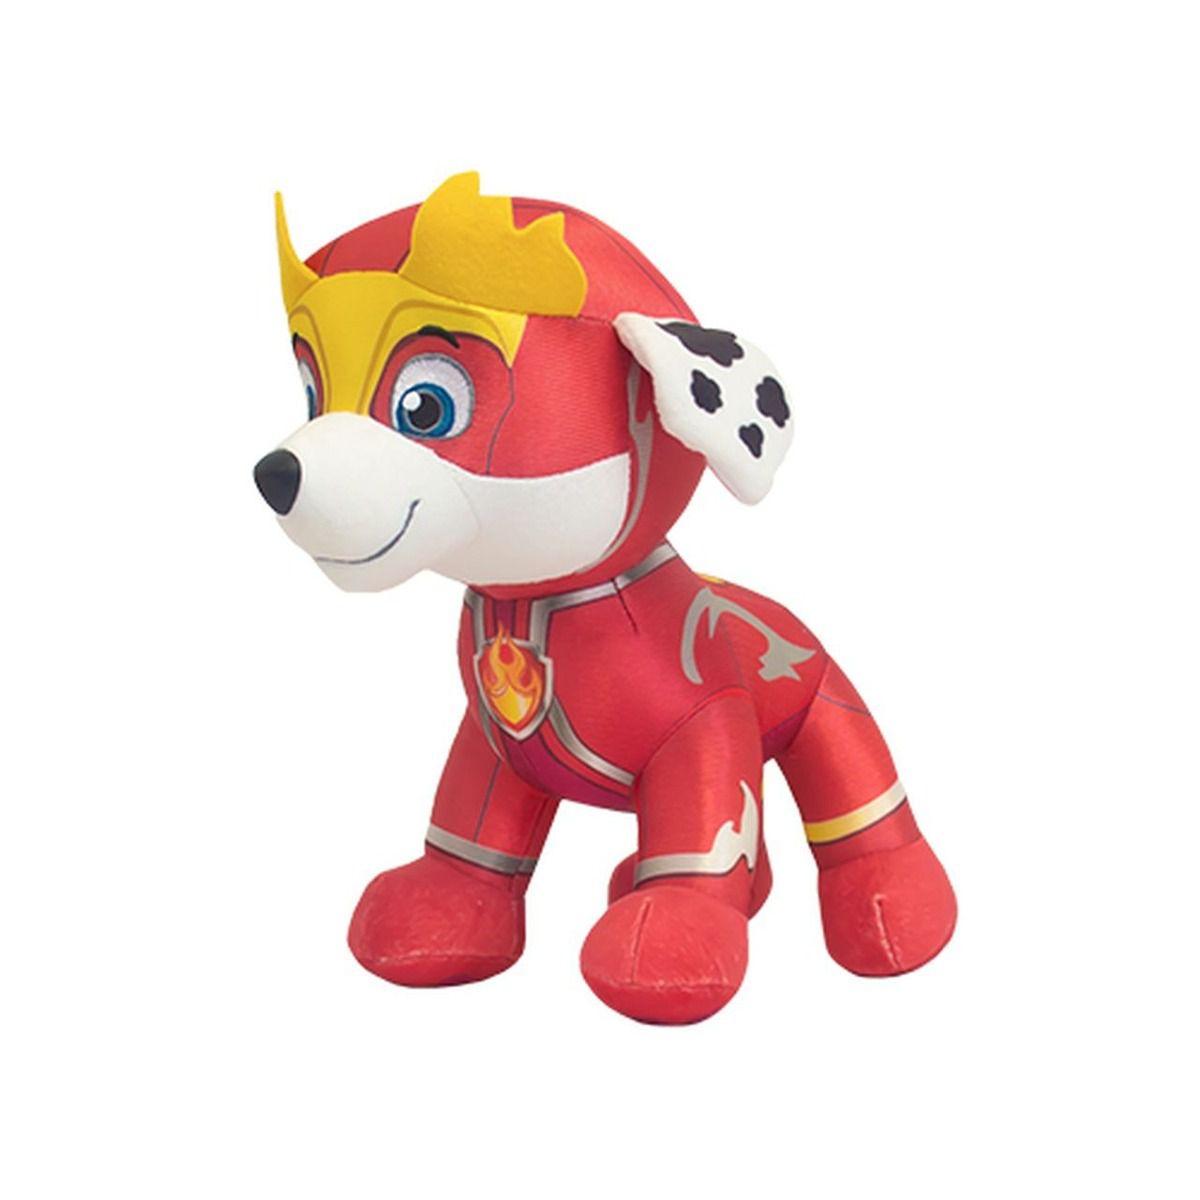 Patrulha Canina  Mighty Pups Super Paws Pelúcia Marshall-Sunny-1396